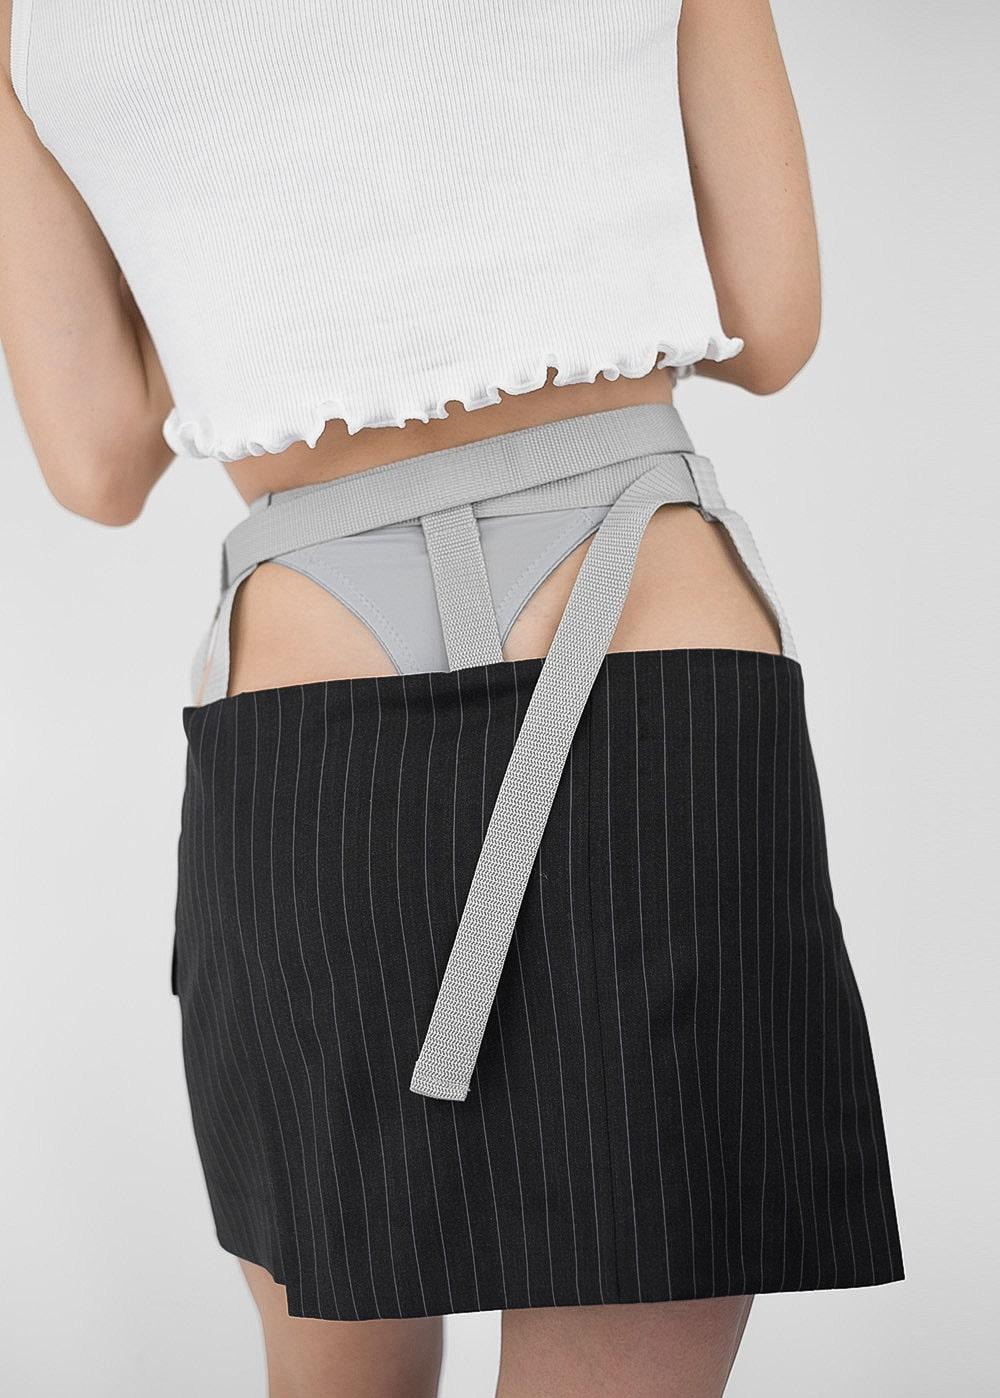 Levitation Skirt 44